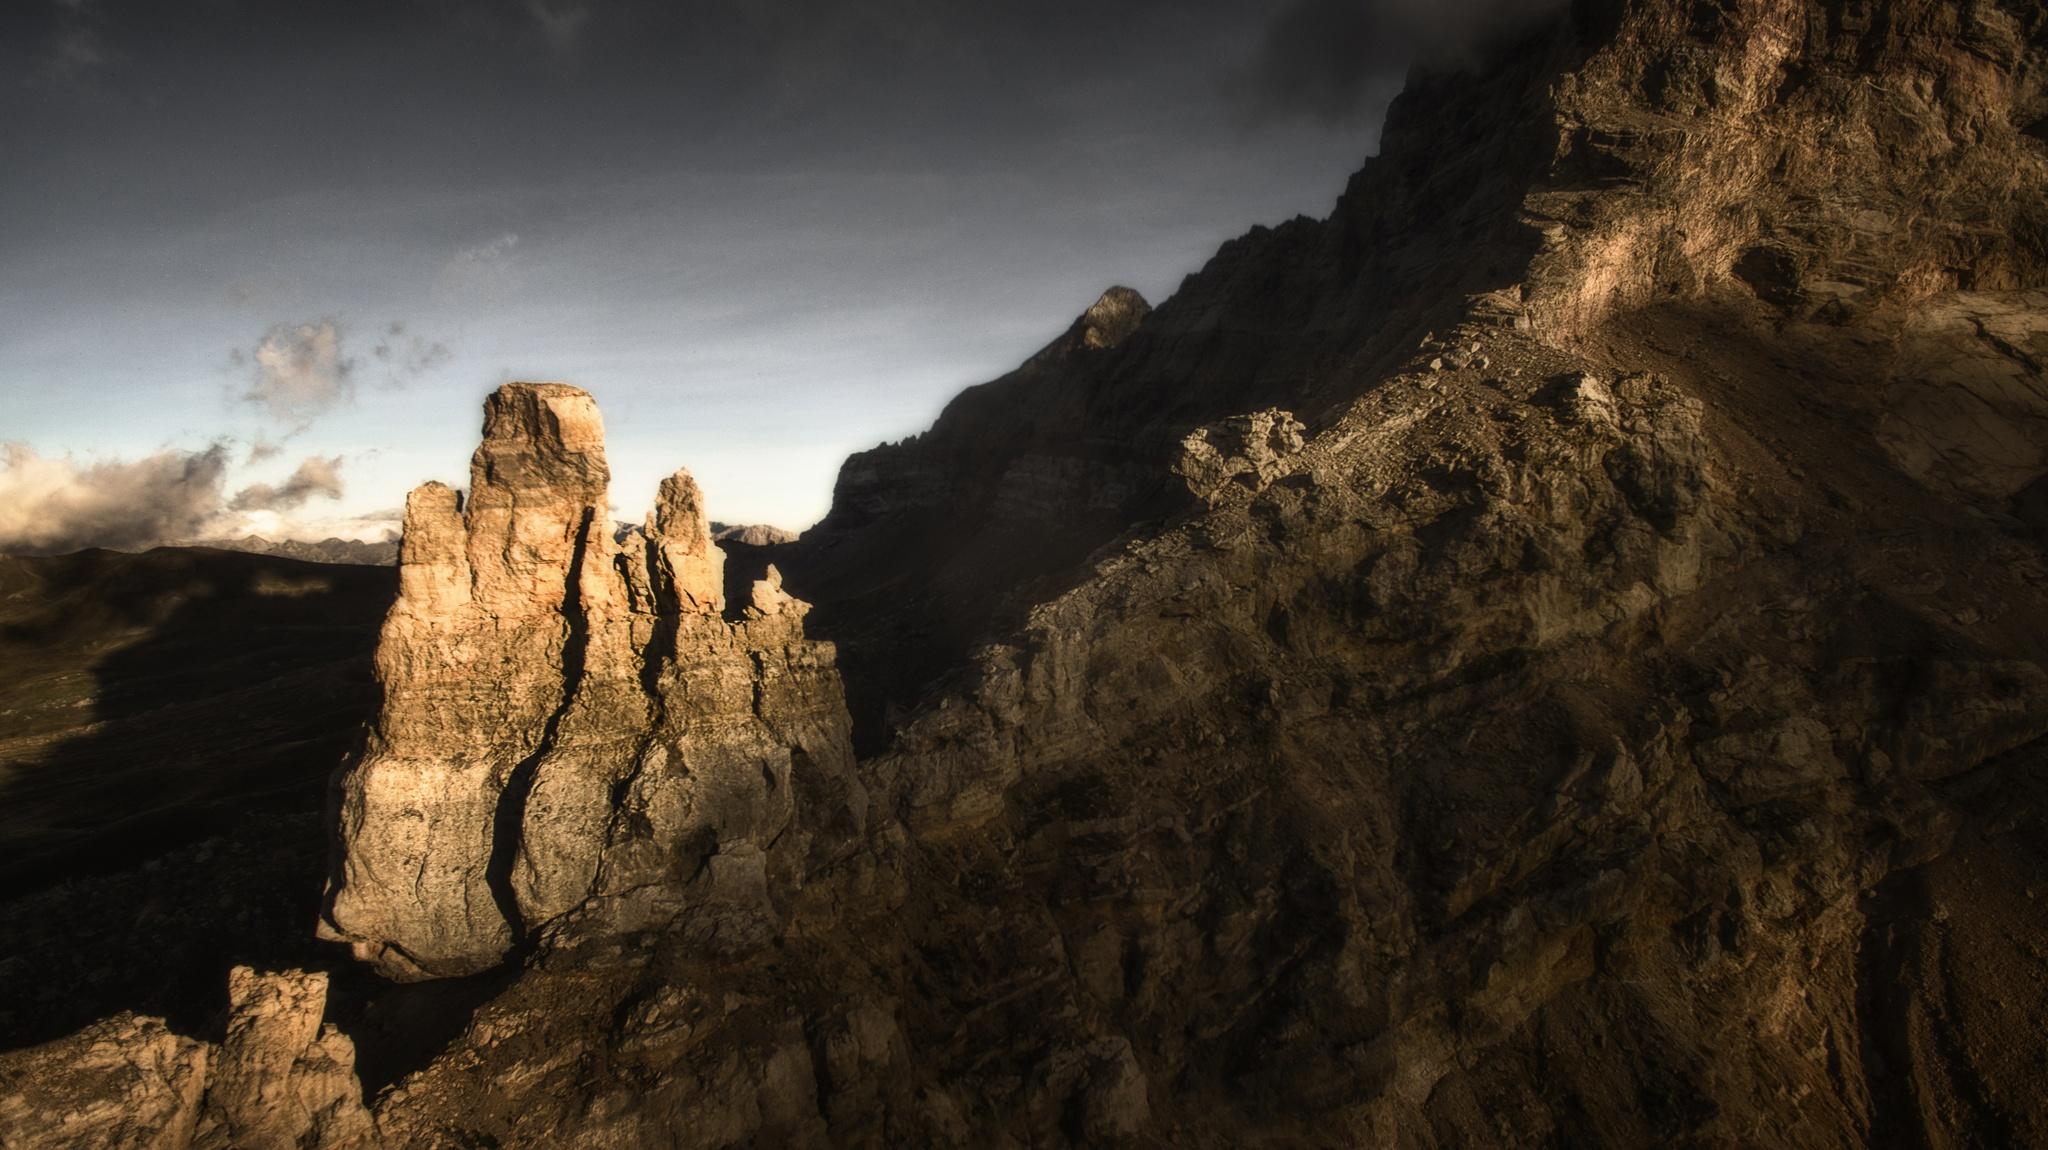 Campanal de Izas 4 - Paisajes del valle - Fotos del Valle del Aragón, Mikel Besga